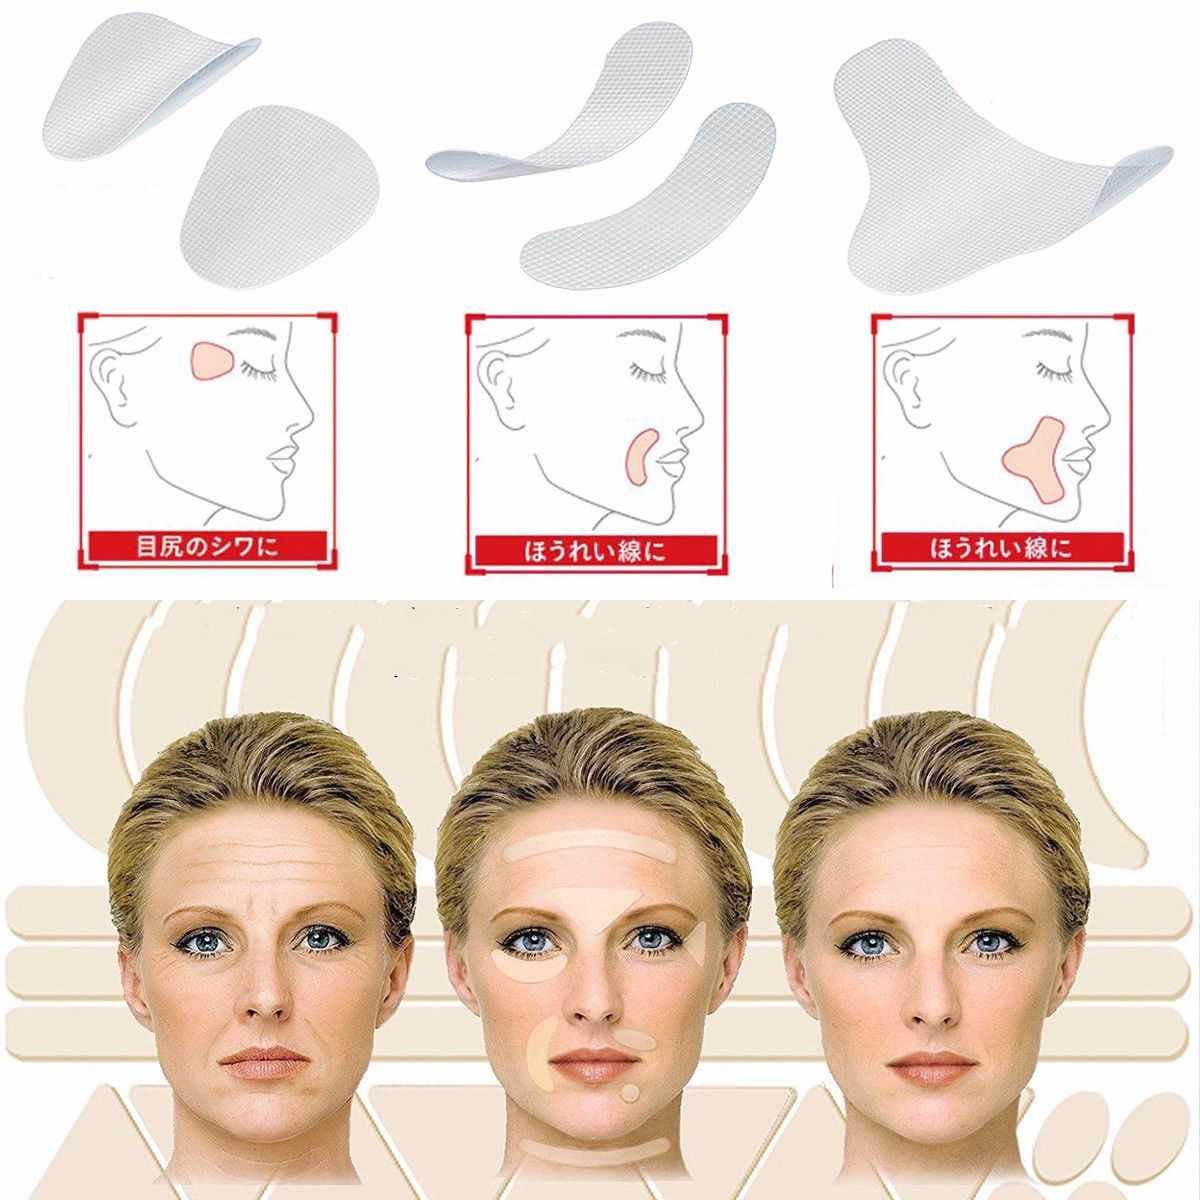 Heißer Verkauf 12/24/27 Pcs Dünne Gesicht Aufkleber Gesichts Anti-Falten Patches Lächeln Linie Falten Schlaffe haut Lift Up Band Werkzeuge